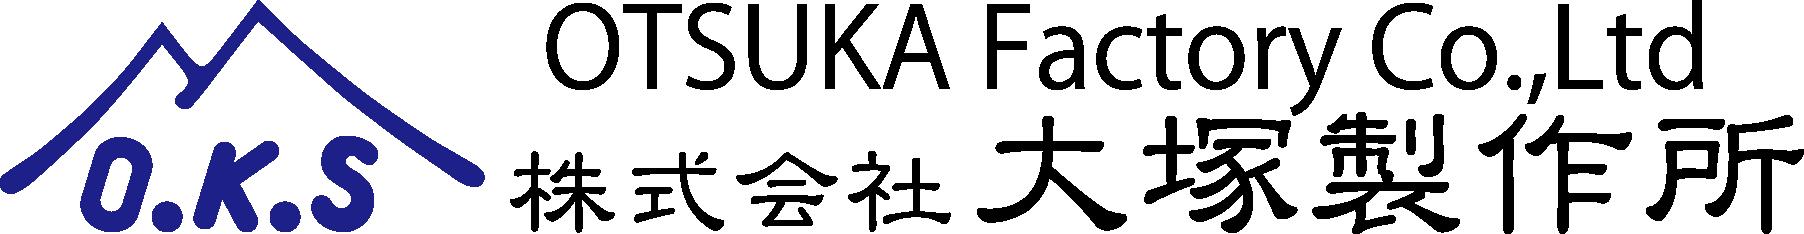 OTSUKA FACTORY CO., LTD.